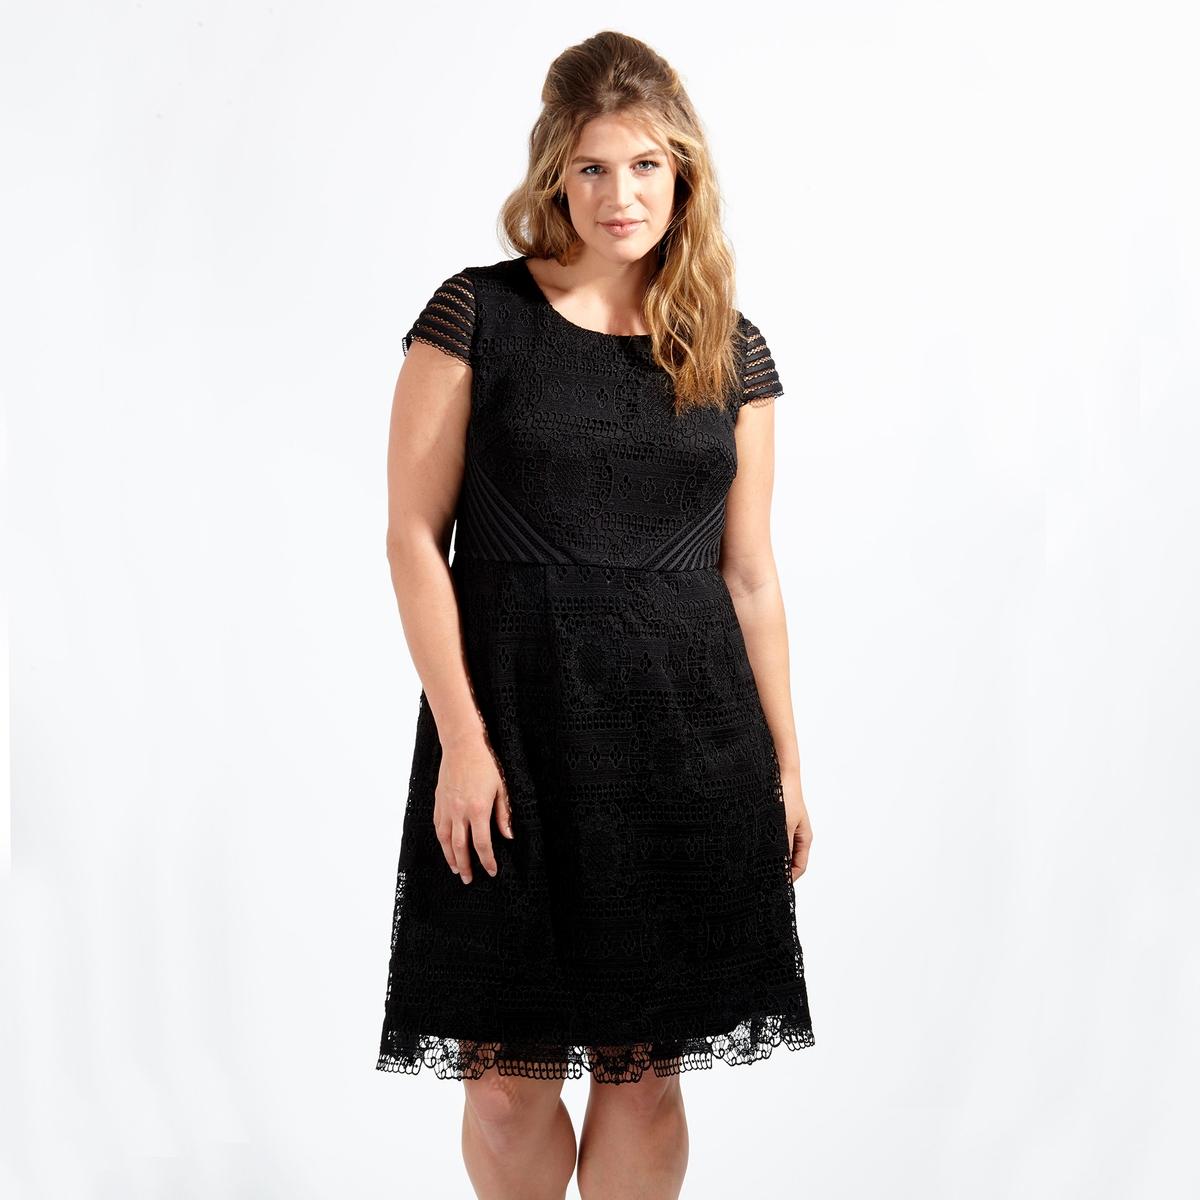 ПлатьеПлатье с короткими рукавами LOVEDROBE. 100% полиэстер. Застежка на молнию сзади . до колен<br><br>Цвет: черный<br>Размер: 48 (FR) - 54 (RUS)